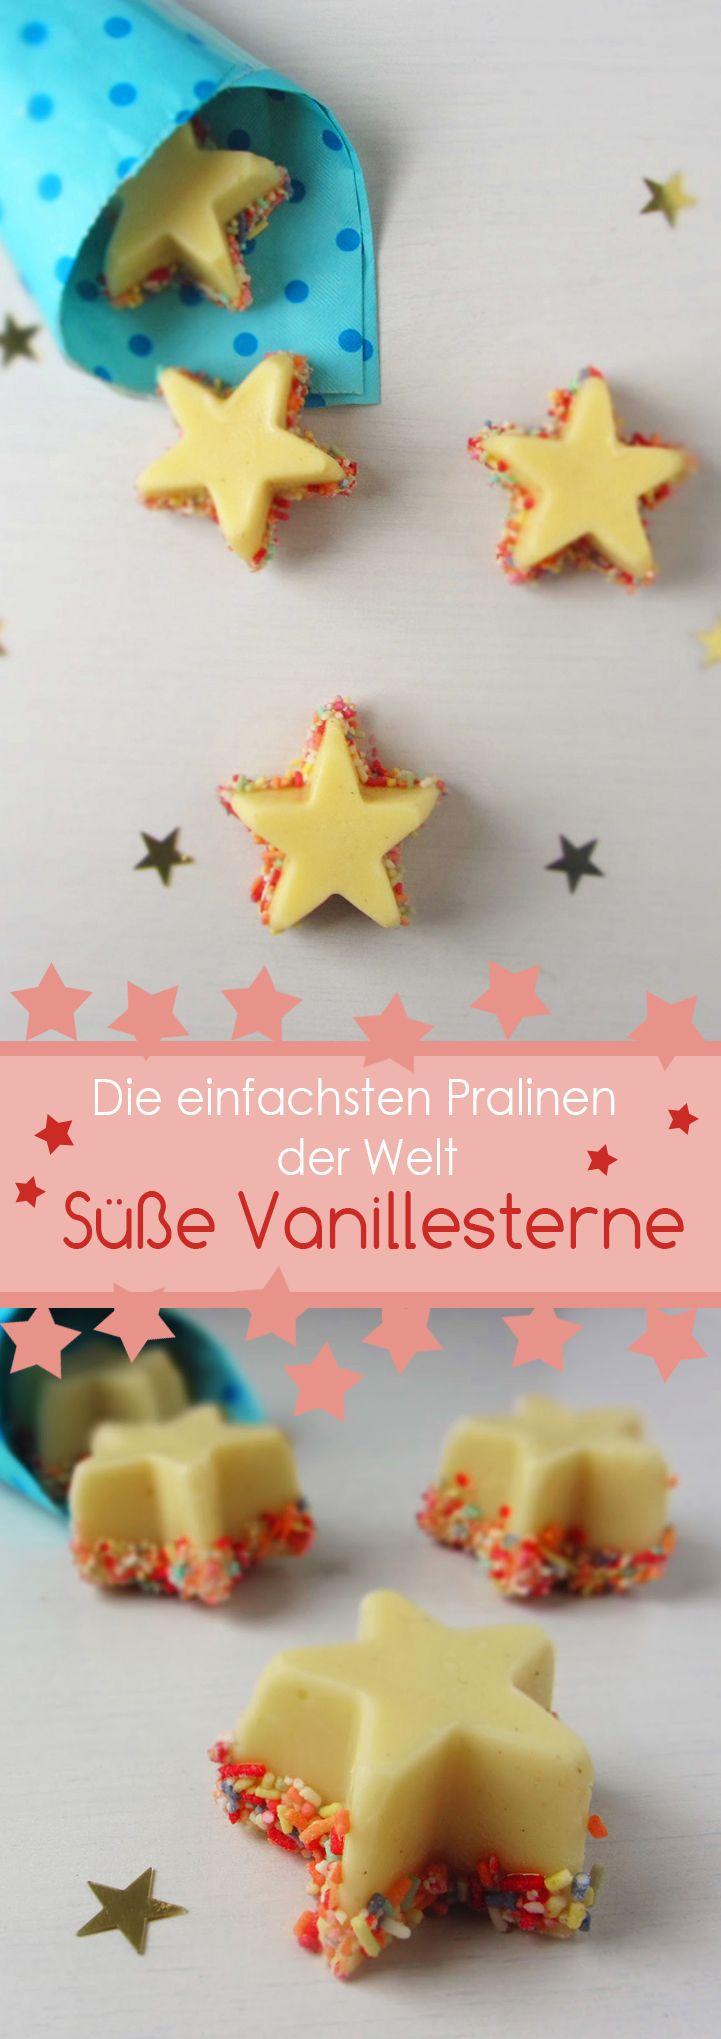 Die einfachsten Pralinen der Welt: Vanillesterne /// Easy vanille chocolate stars